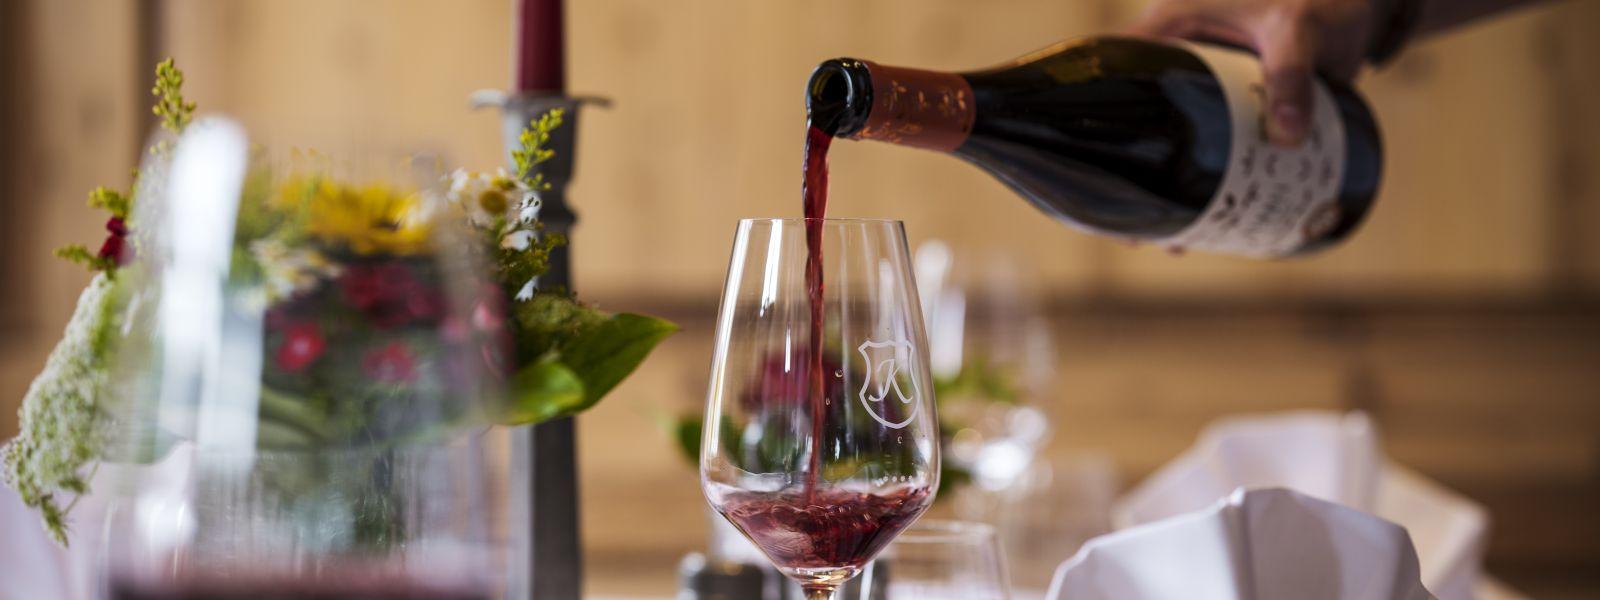 Ein Rotwein wird in eine Glas geschenkt für Romantik pur